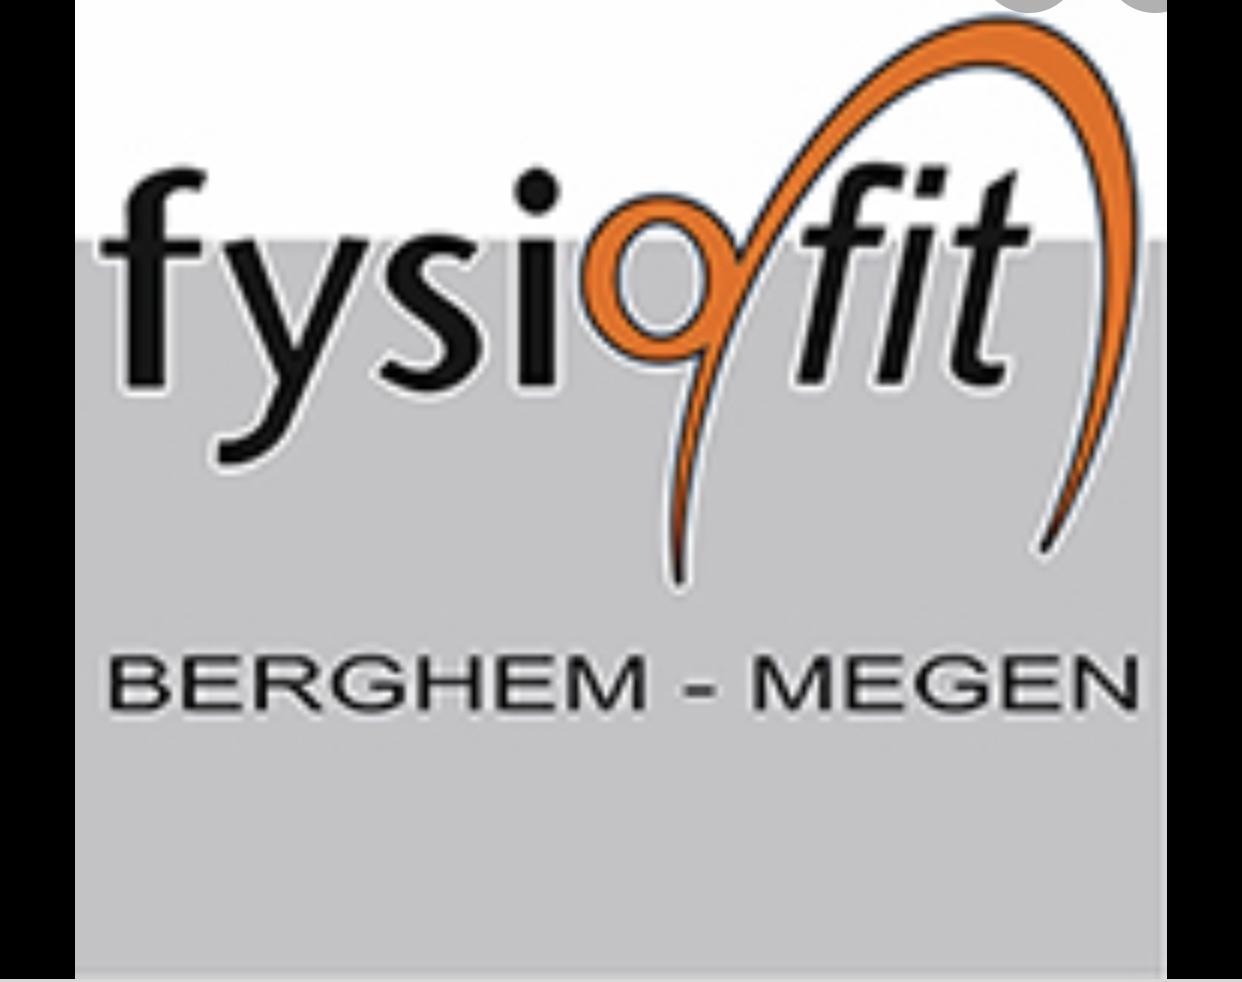 Fysiofit